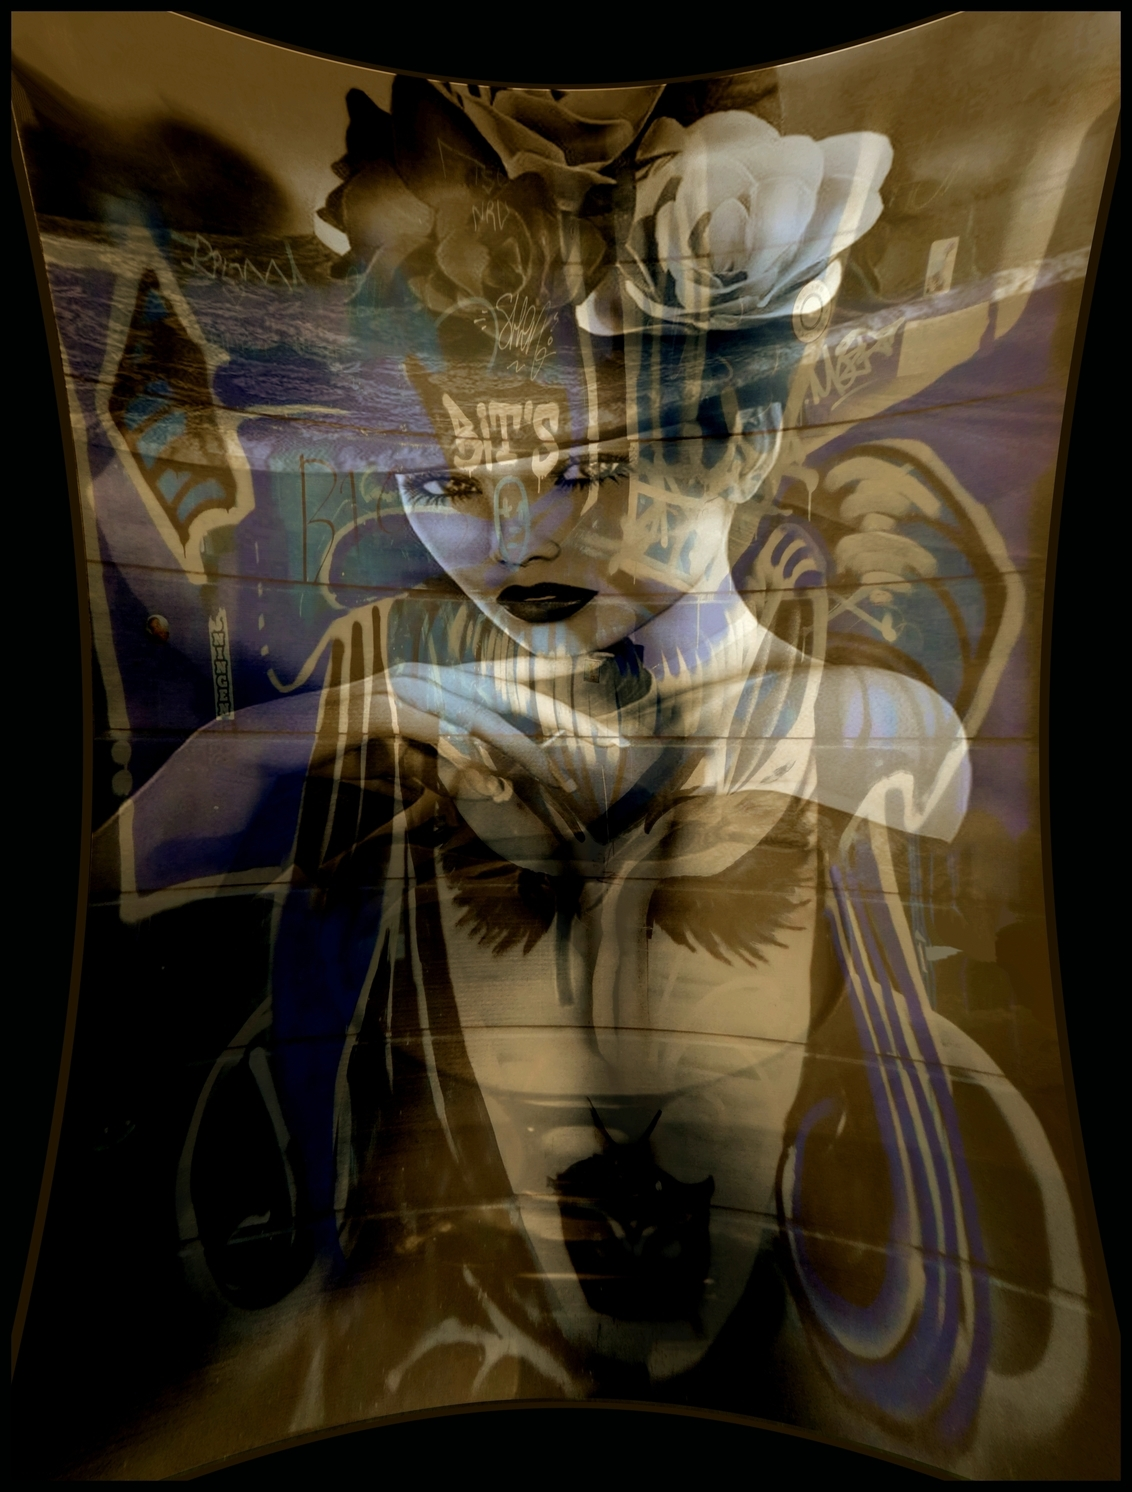 Samensmelting - alleen of ze het samen eens zijn... valt nog te bezien. - foto door Gooiseroos op 17-02-2020 - deze foto bevat: vrouw, abstract, licht, structuur, bewerkt, fantasie, silhouet, kunst, bewerking, sfeer, contrast, creatief, manipulatie, bewerkingsuitdaging, samensmelting